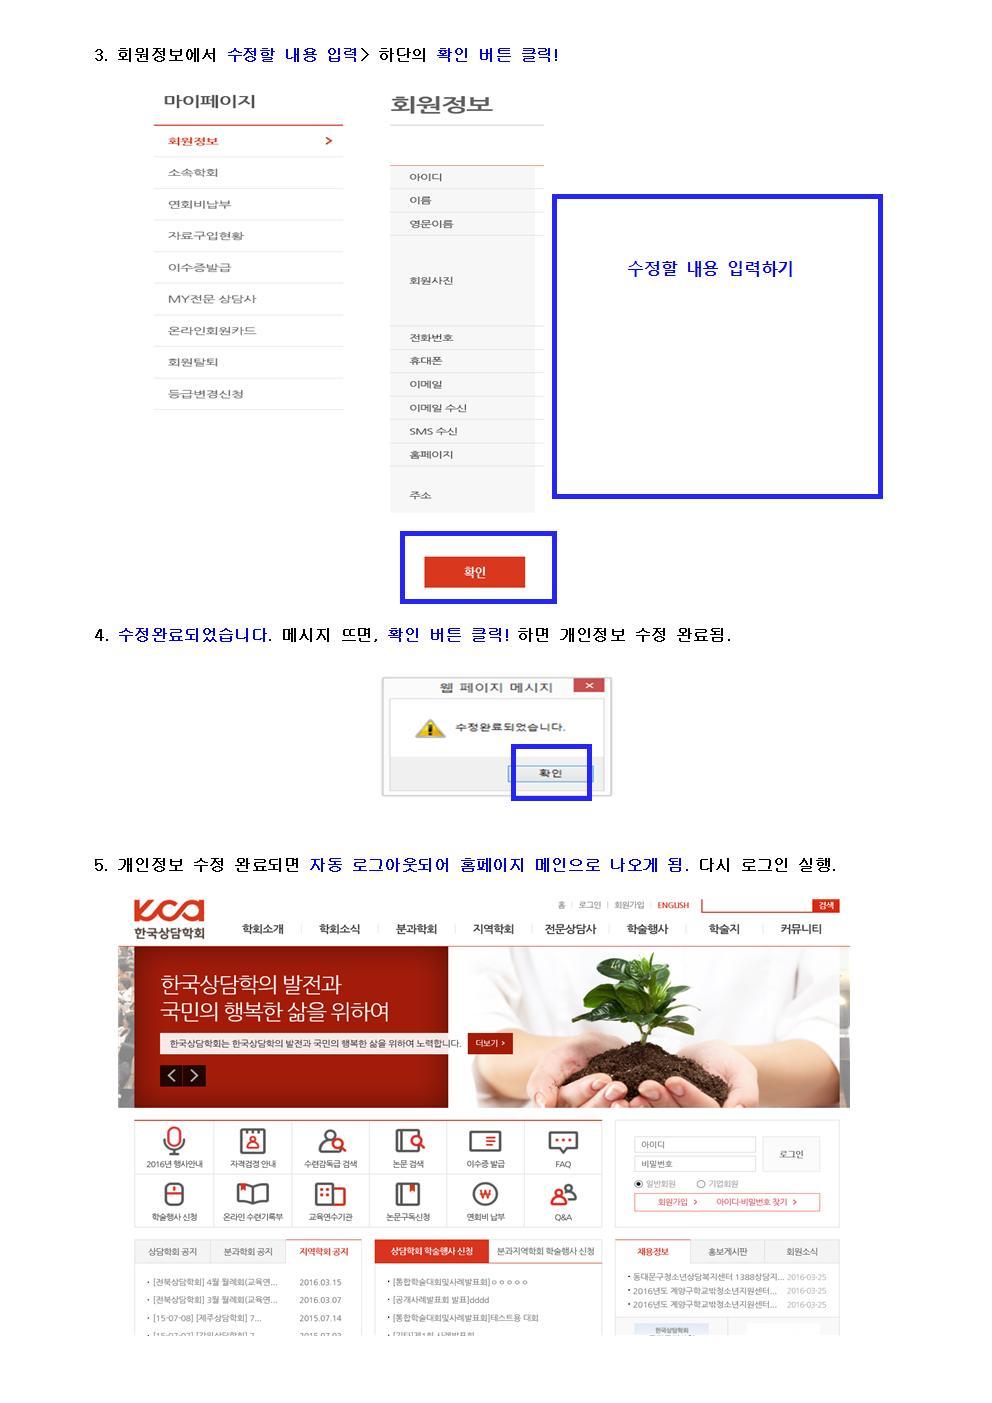 홈페이지 회원(개인)정보 수정 요청002.jpg